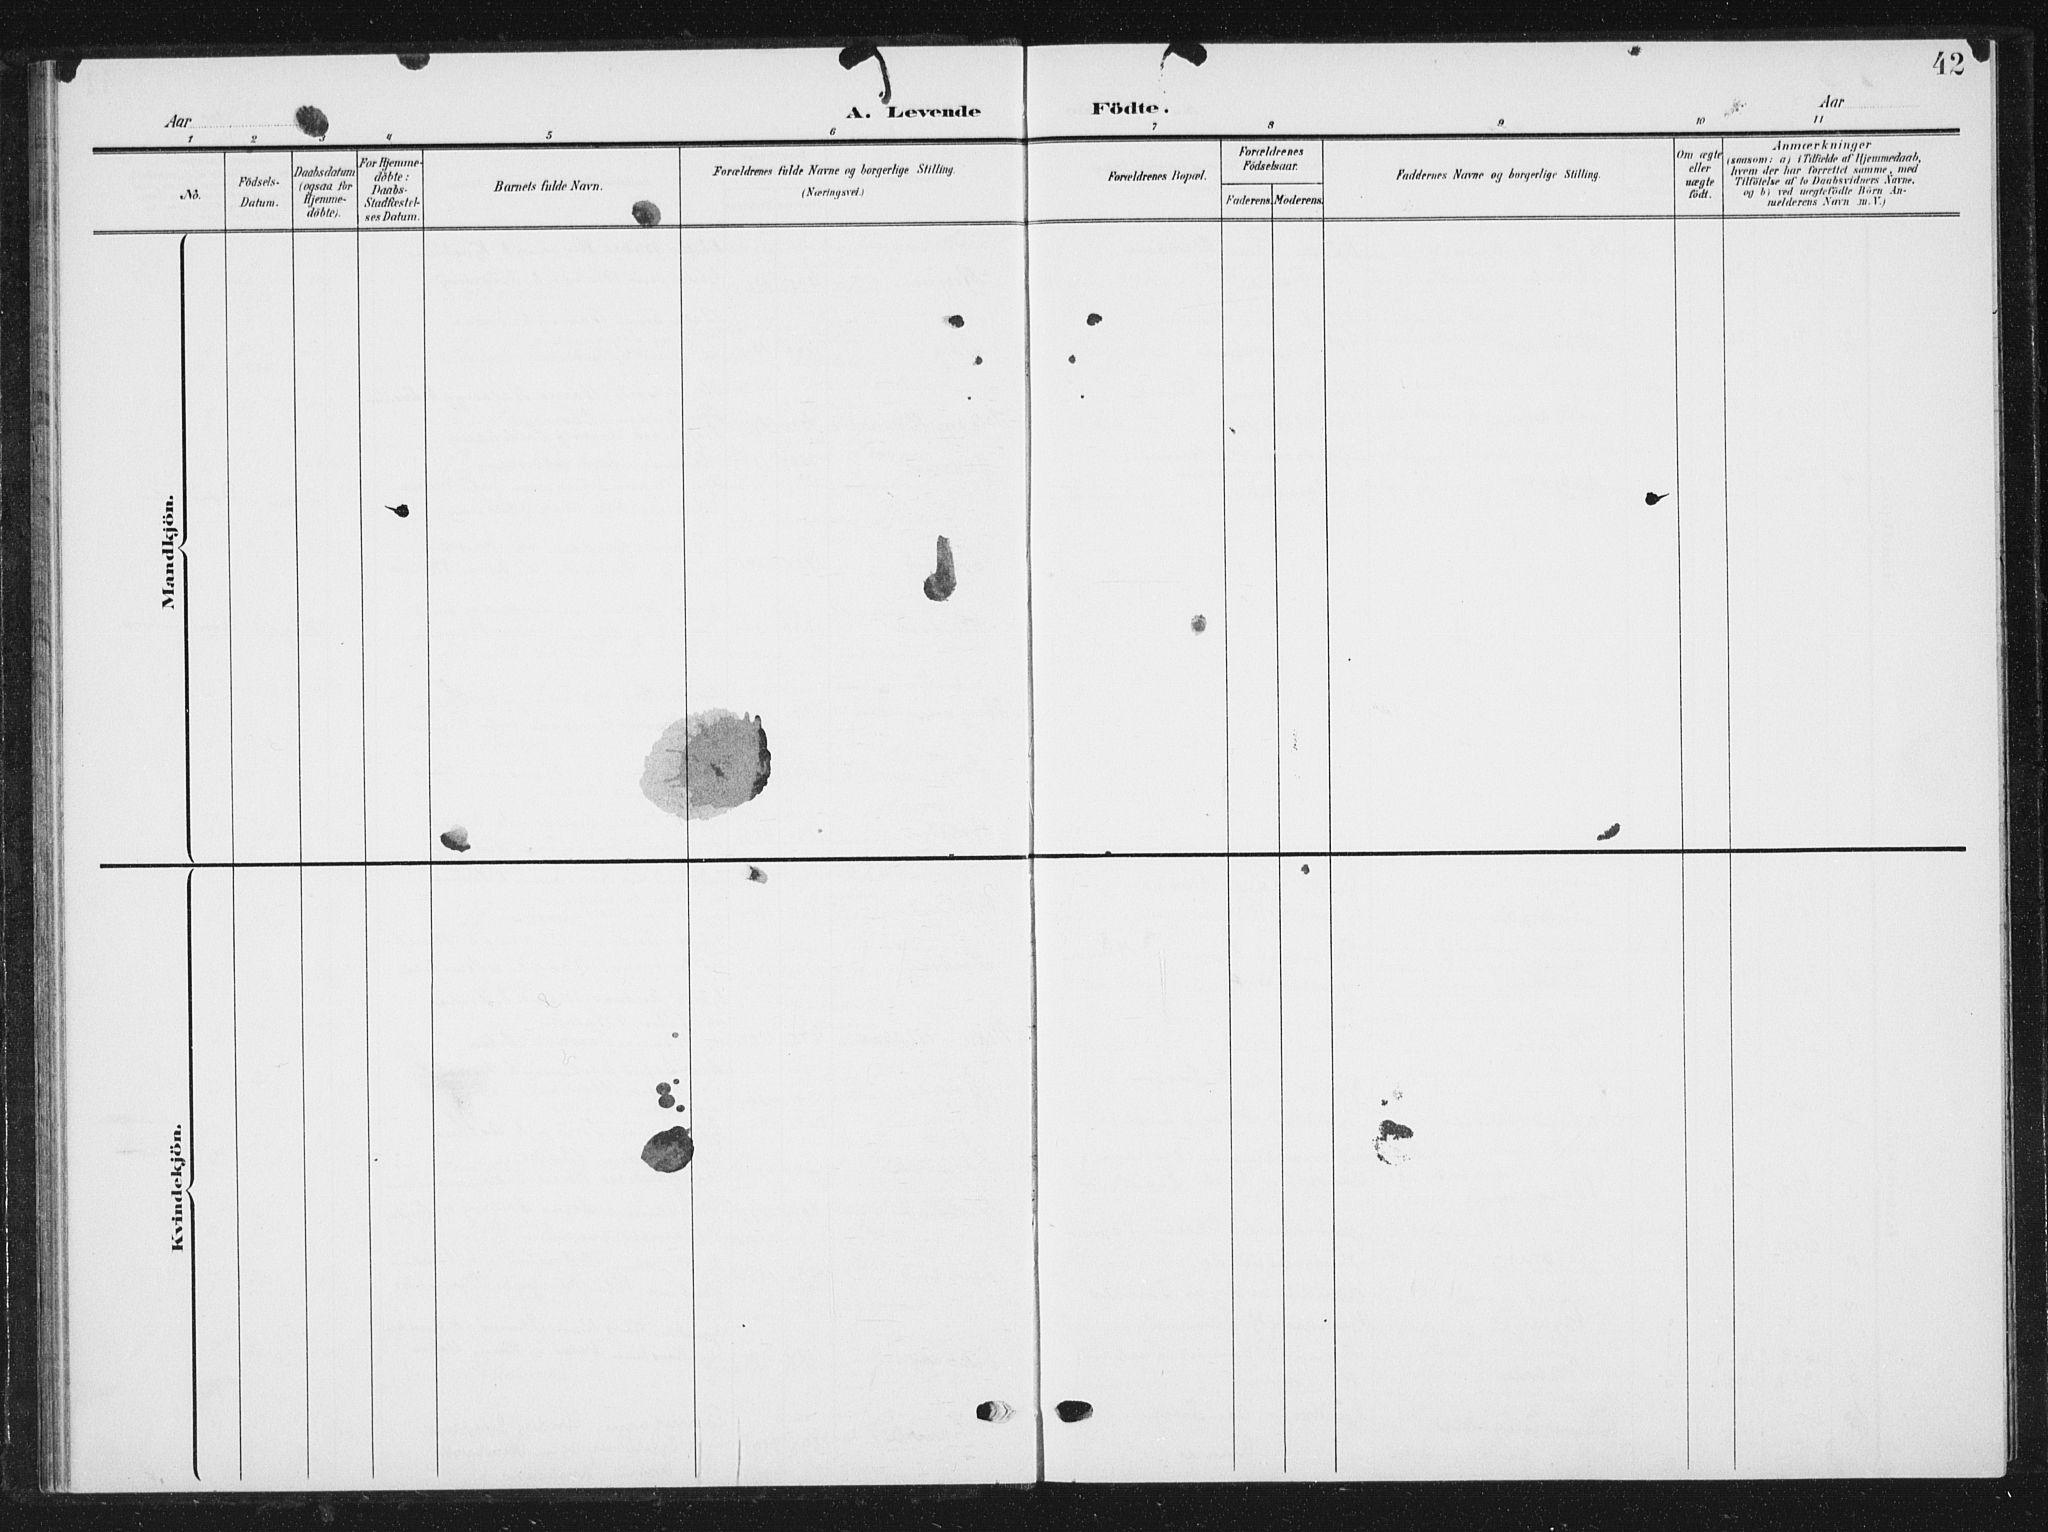 SAT, Ministerialprotokoller, klokkerbøker og fødselsregistre - Sør-Trøndelag, 616/L0424: Klokkerbok nr. 616C07, 1904-1940, s. 42